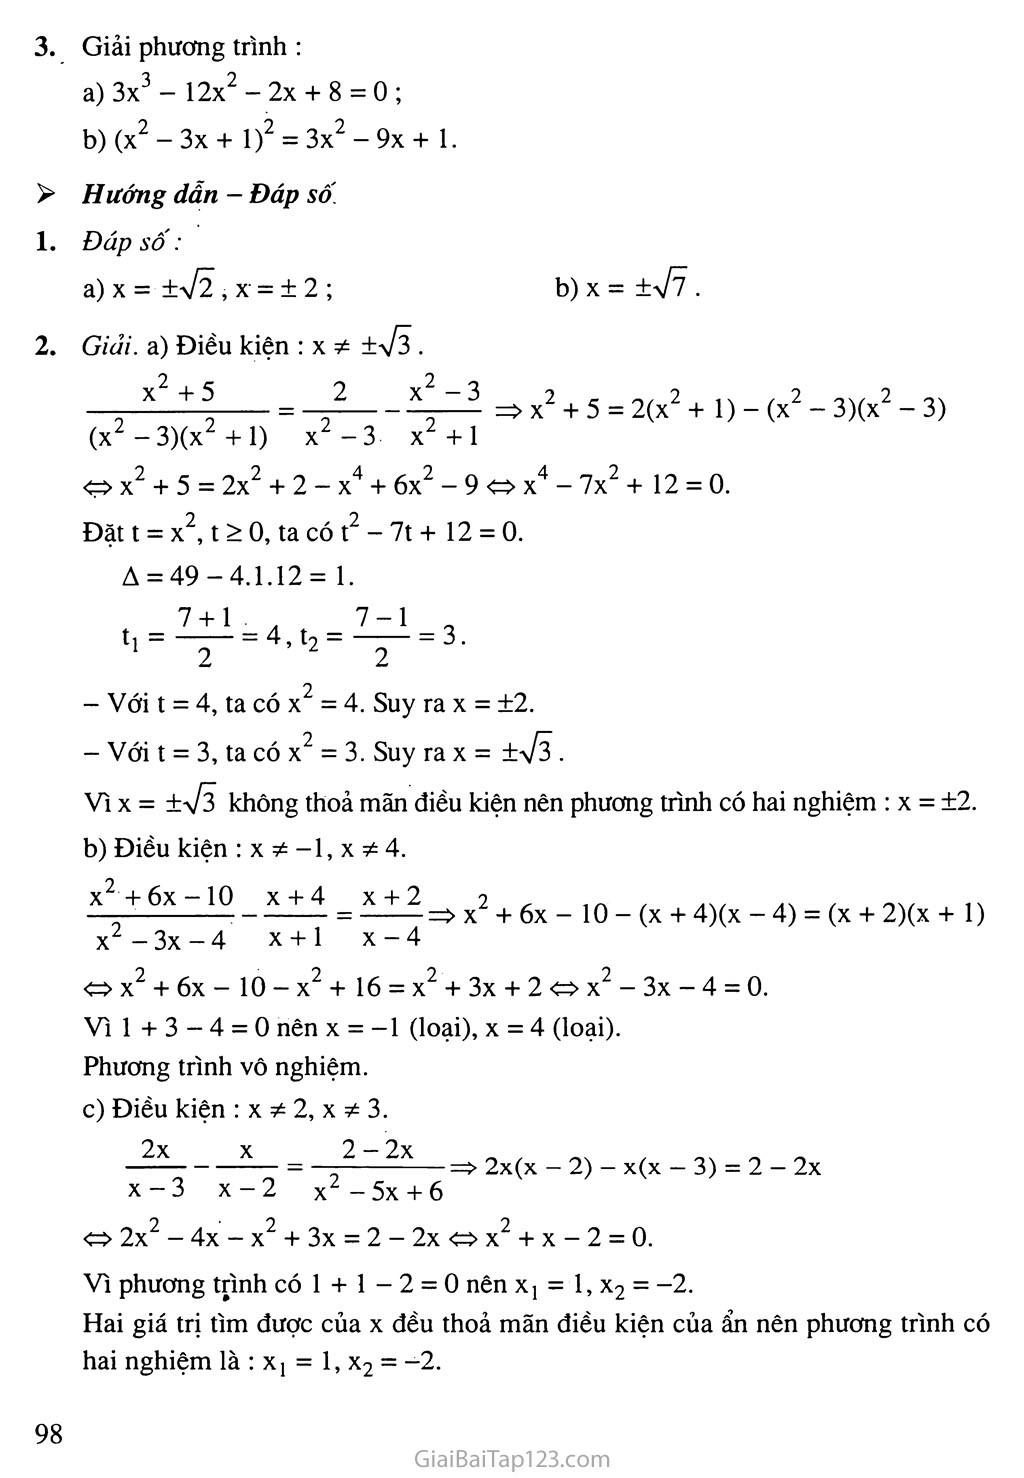 Bài 7. Phương trình quy về phương trình bậc hai trang 12